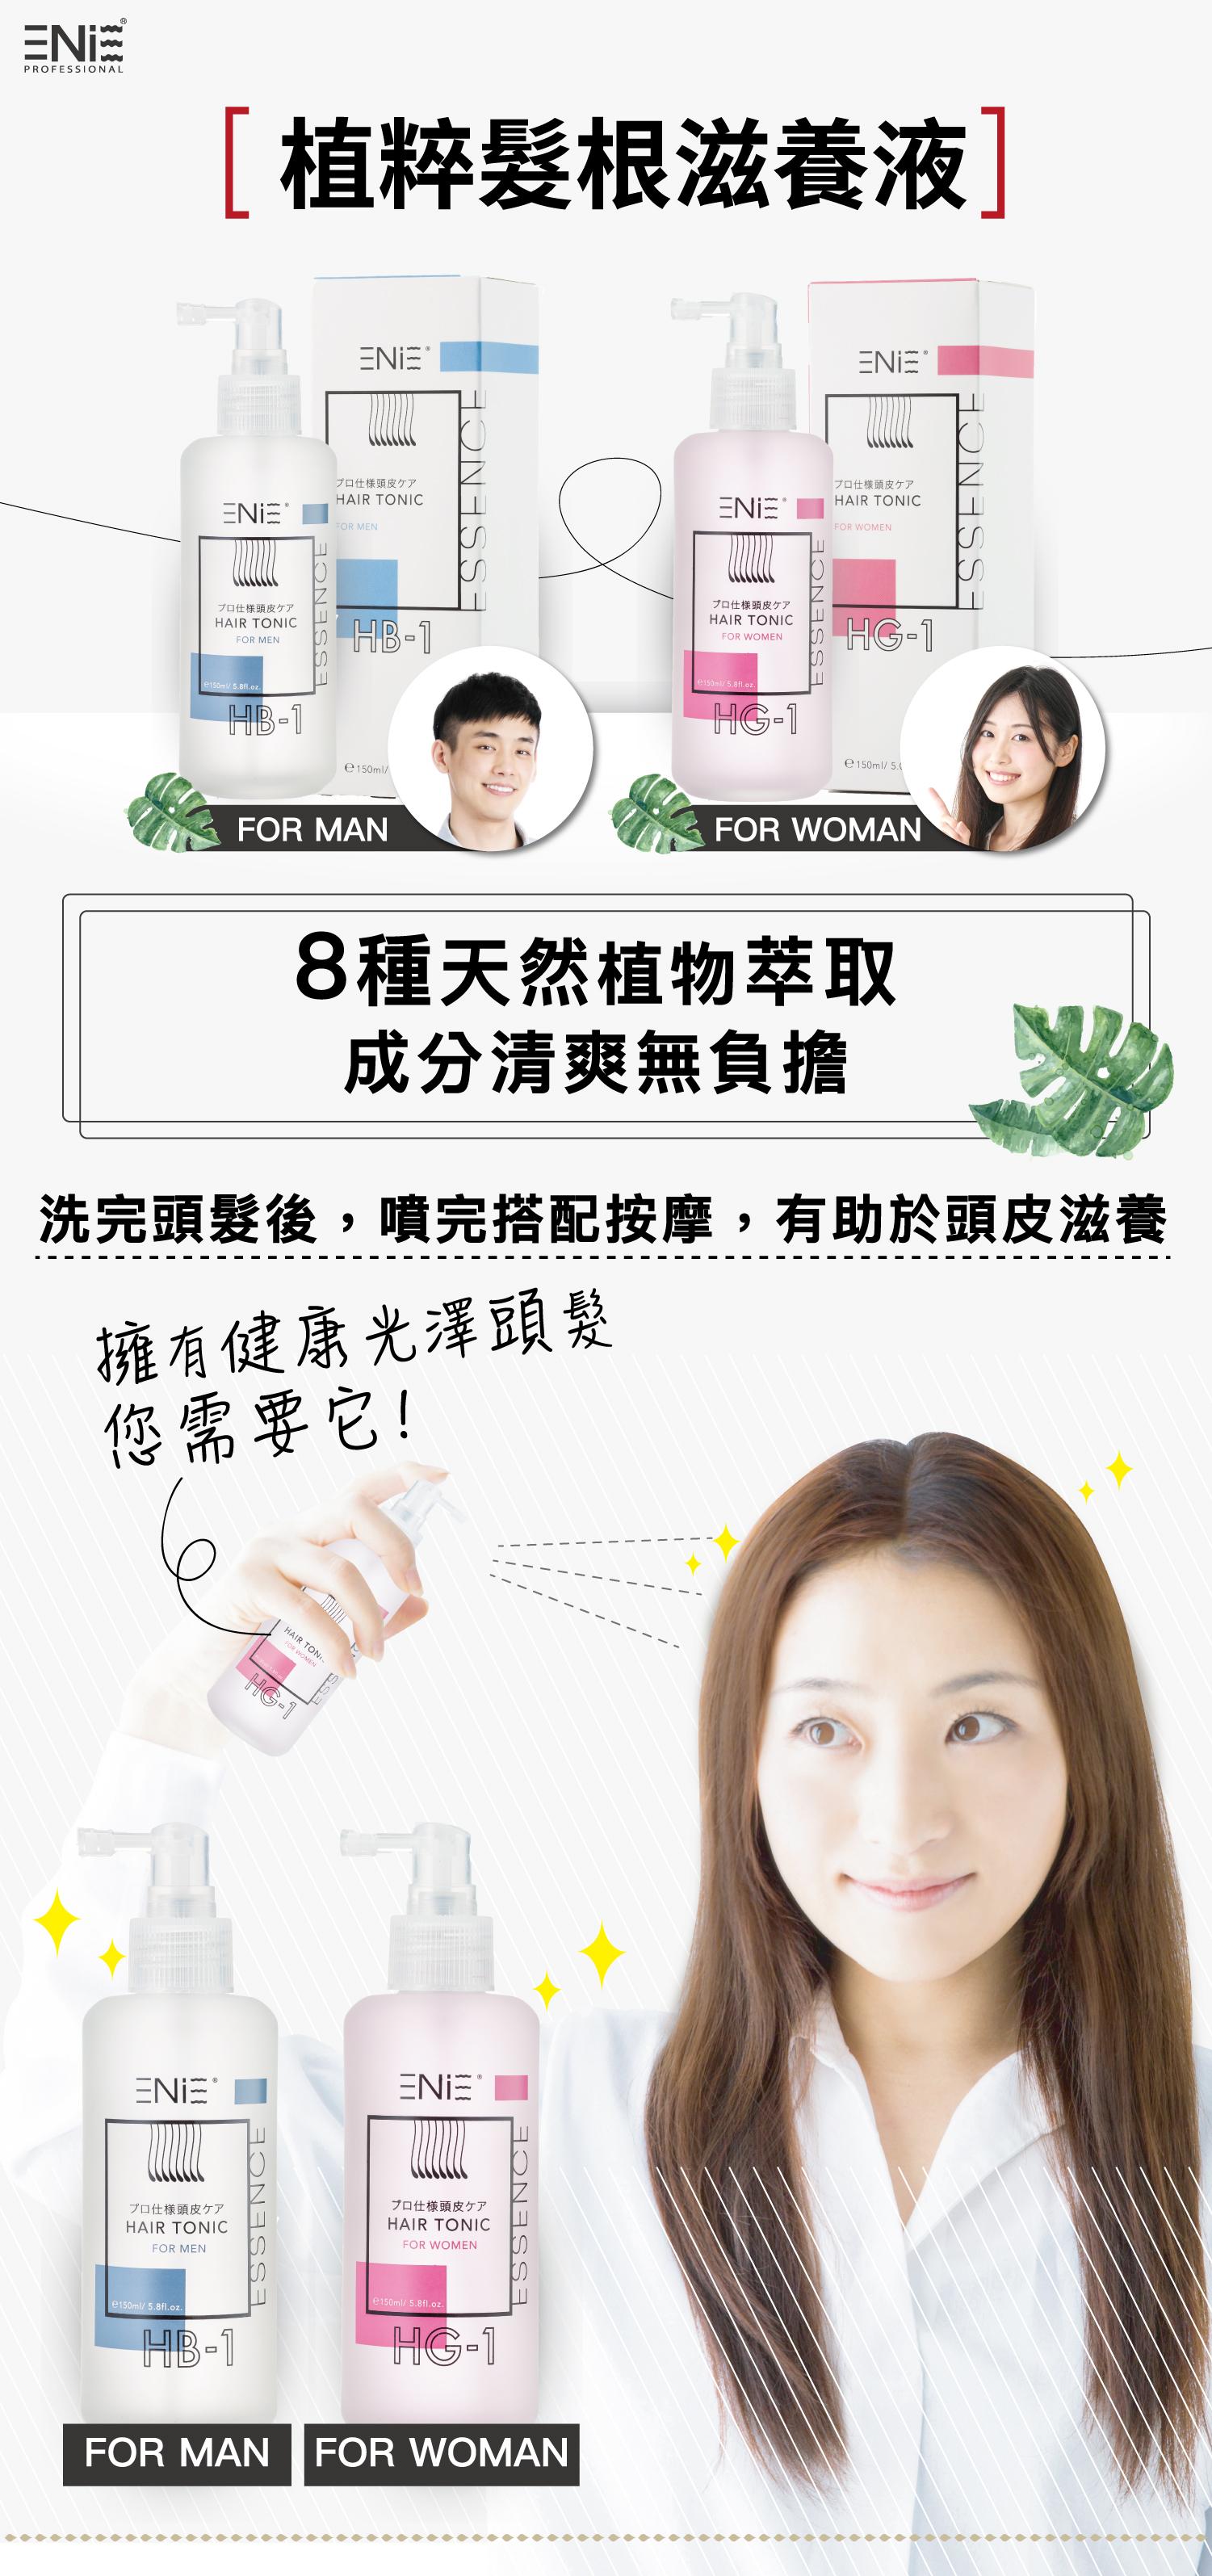 2019.08.13-男女頭皮水EDM--1.jpg (1.61 MB)